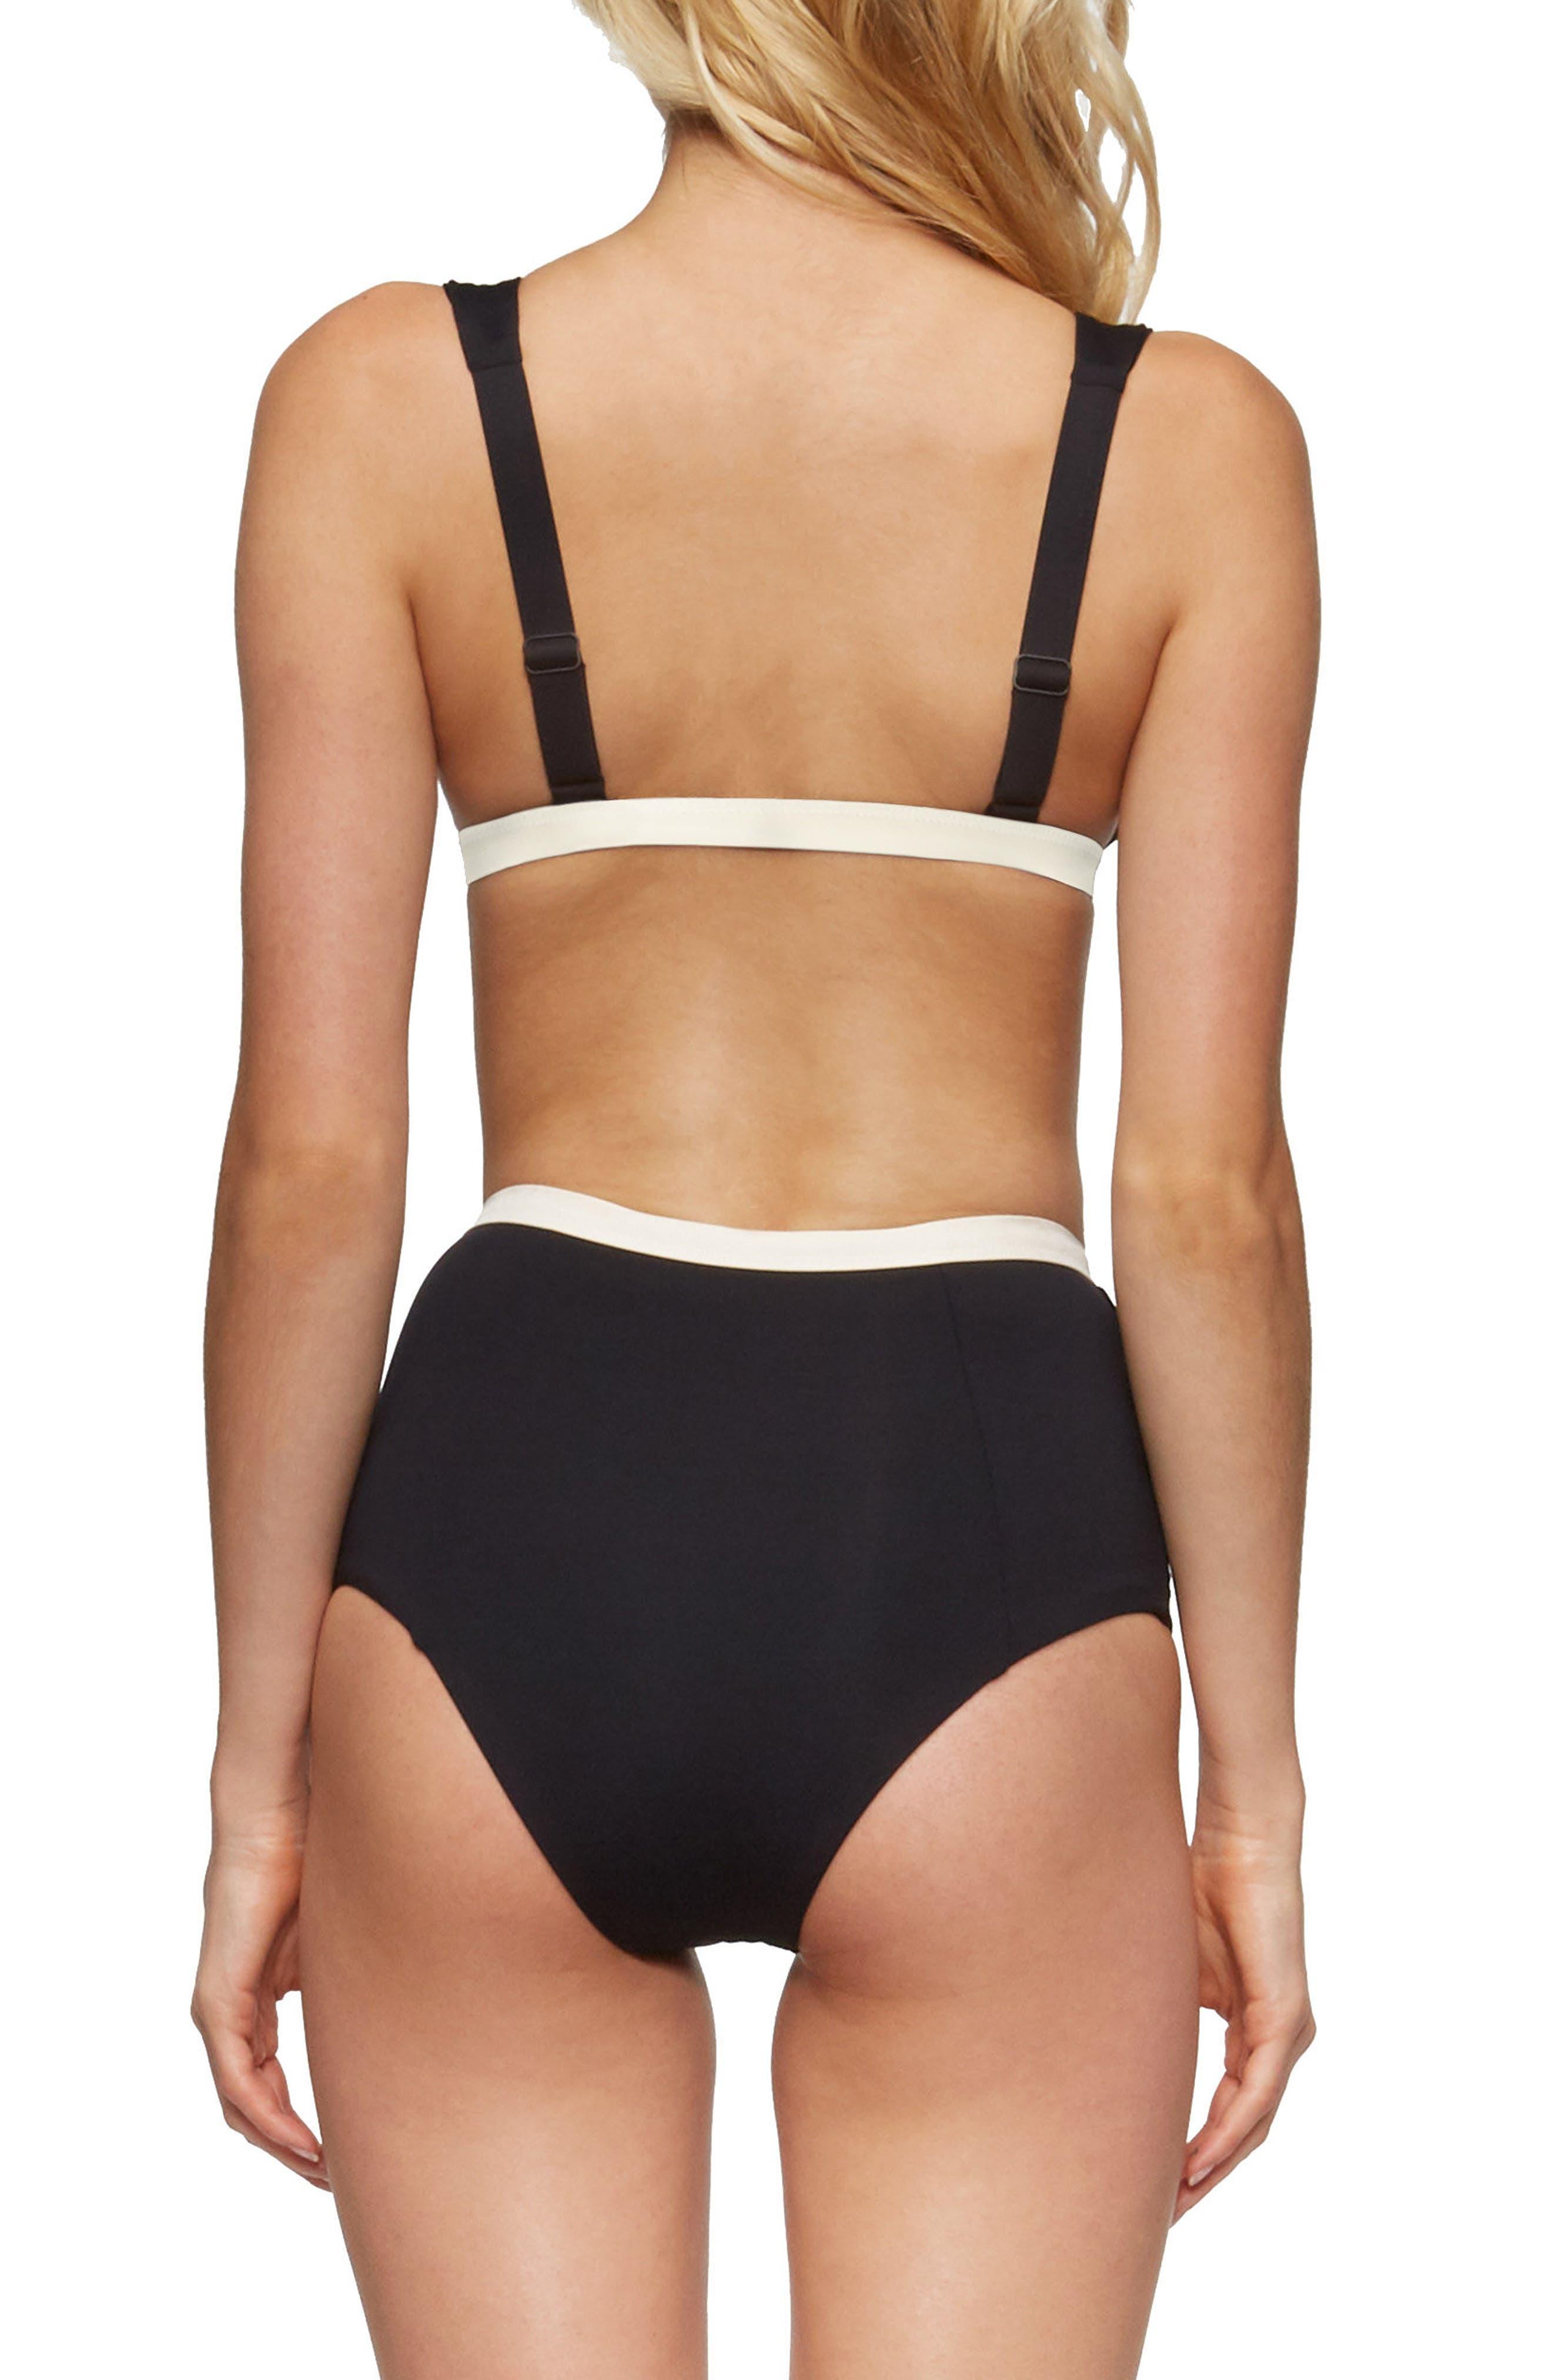 Caroline Bikini Top,                             Alternate thumbnail 8, color,                             001